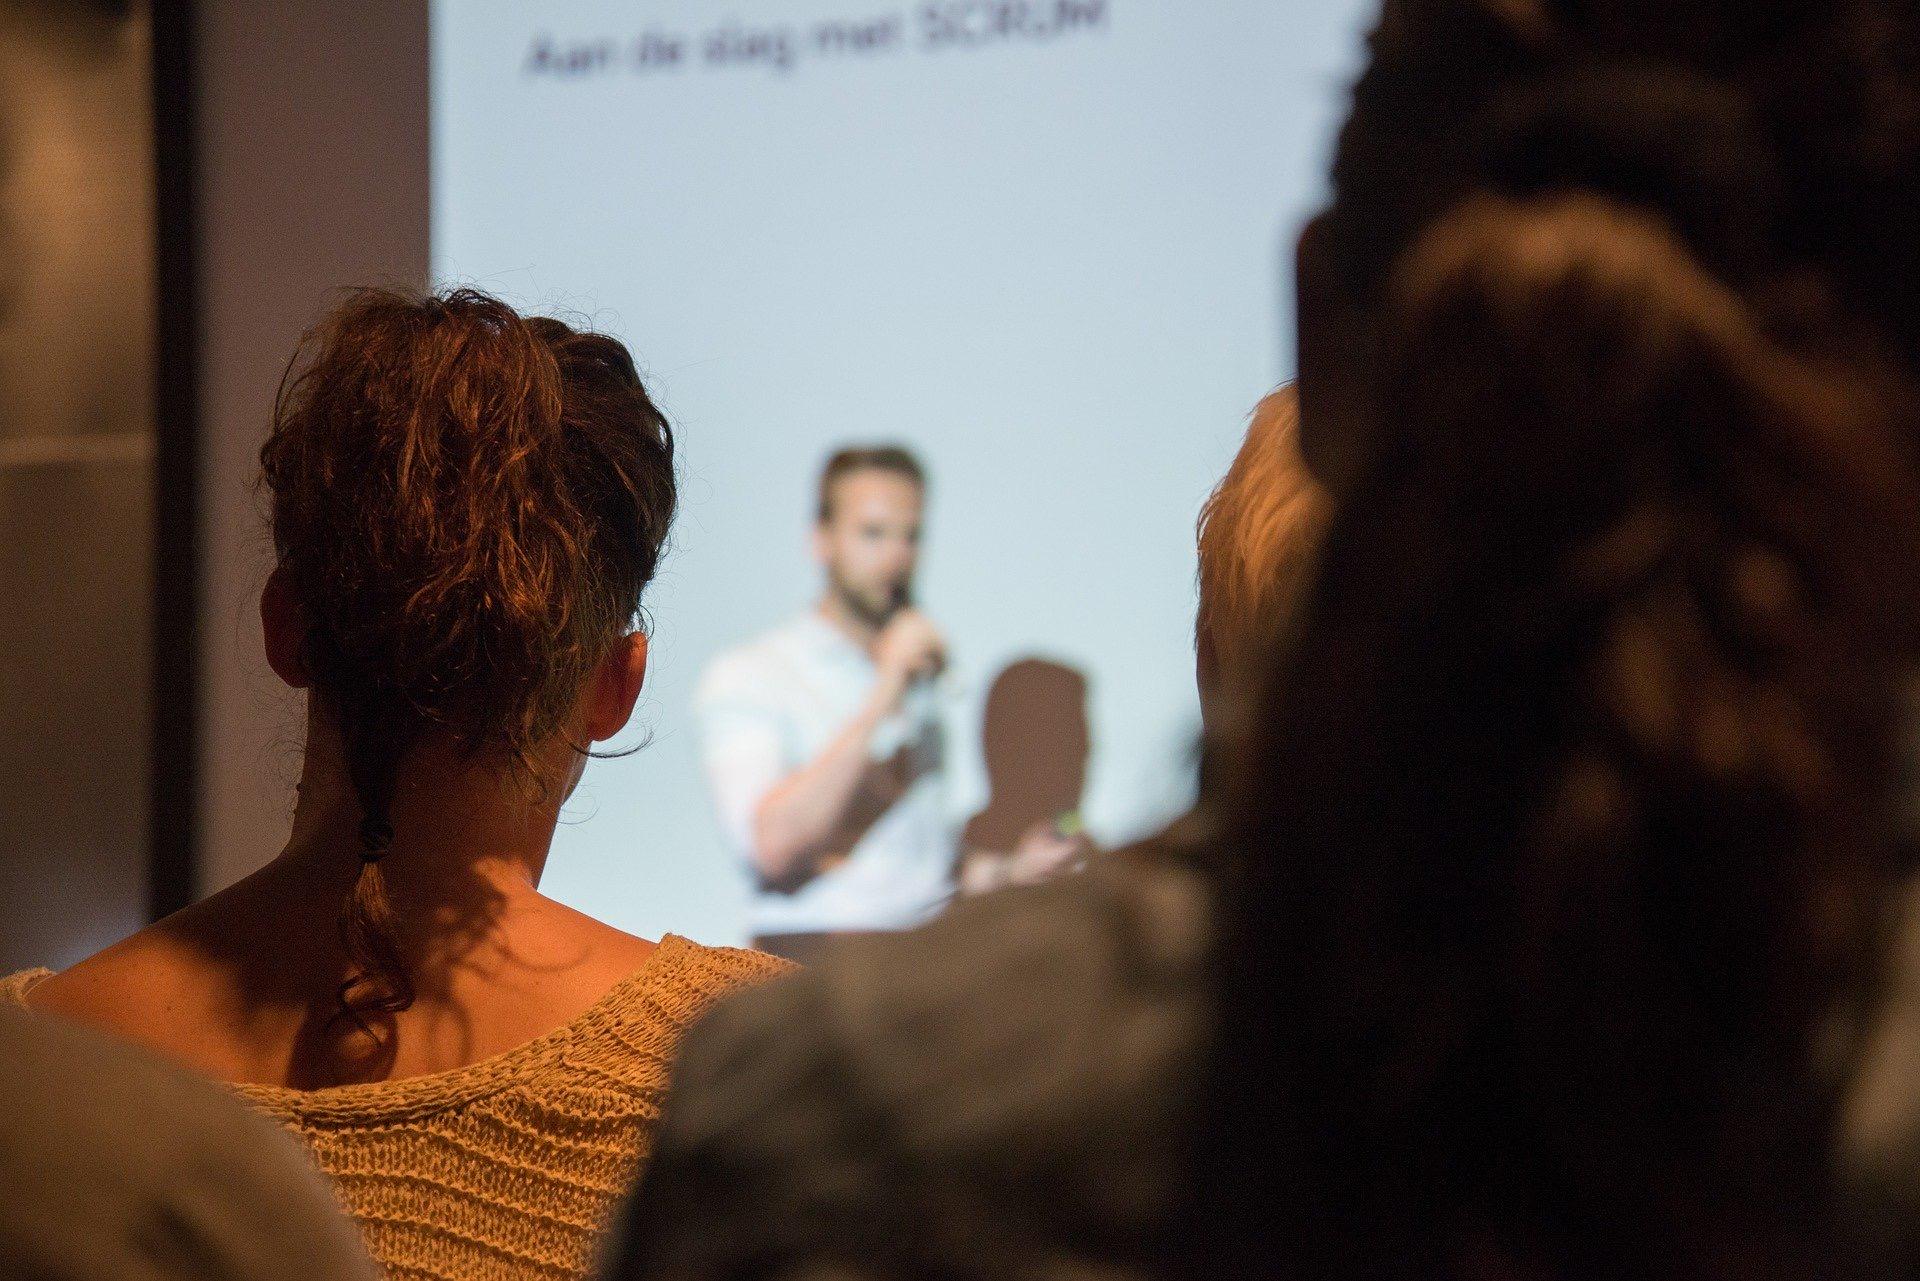 Book et foredrag for din virksomhed